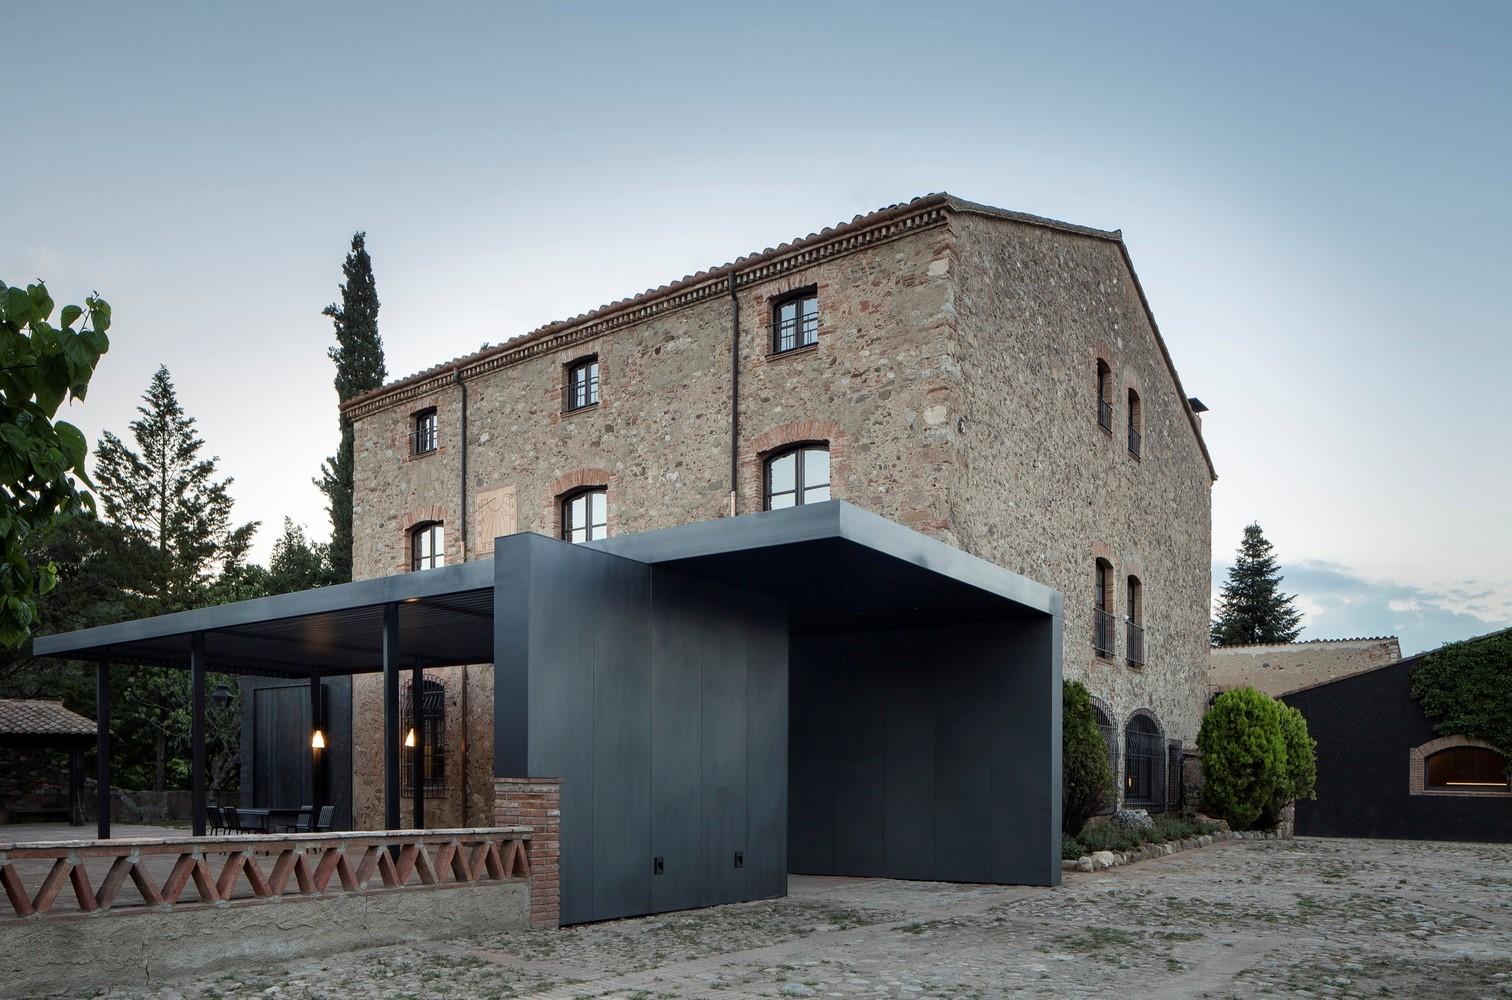 聖馬提住宅,金屬回廊平衡新與舊的關系 / Francesc Rifé Studio插图(1)